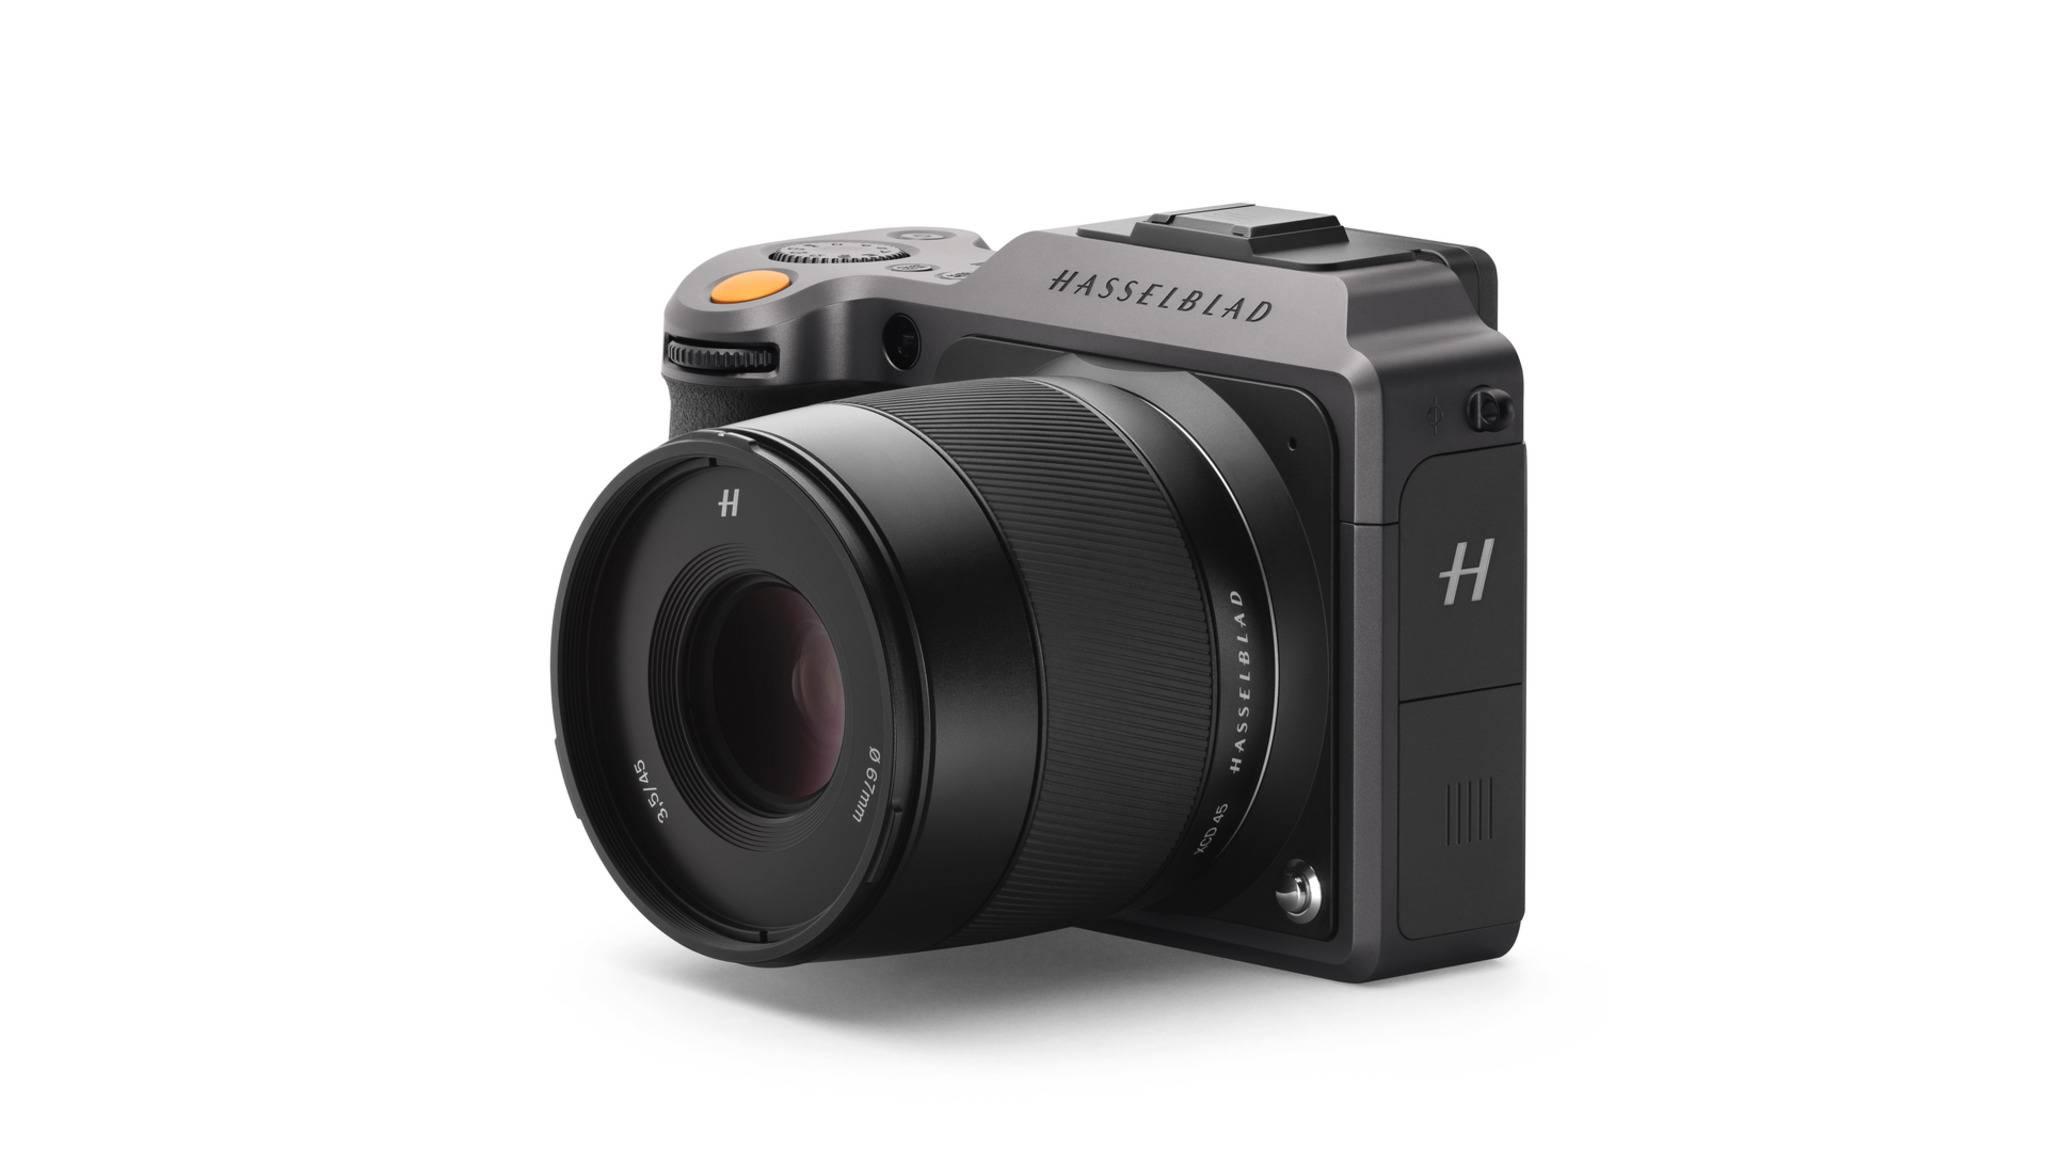 Die Hasselblad X1D II 50C ist eine kompakte Mittelformat-Kamera.